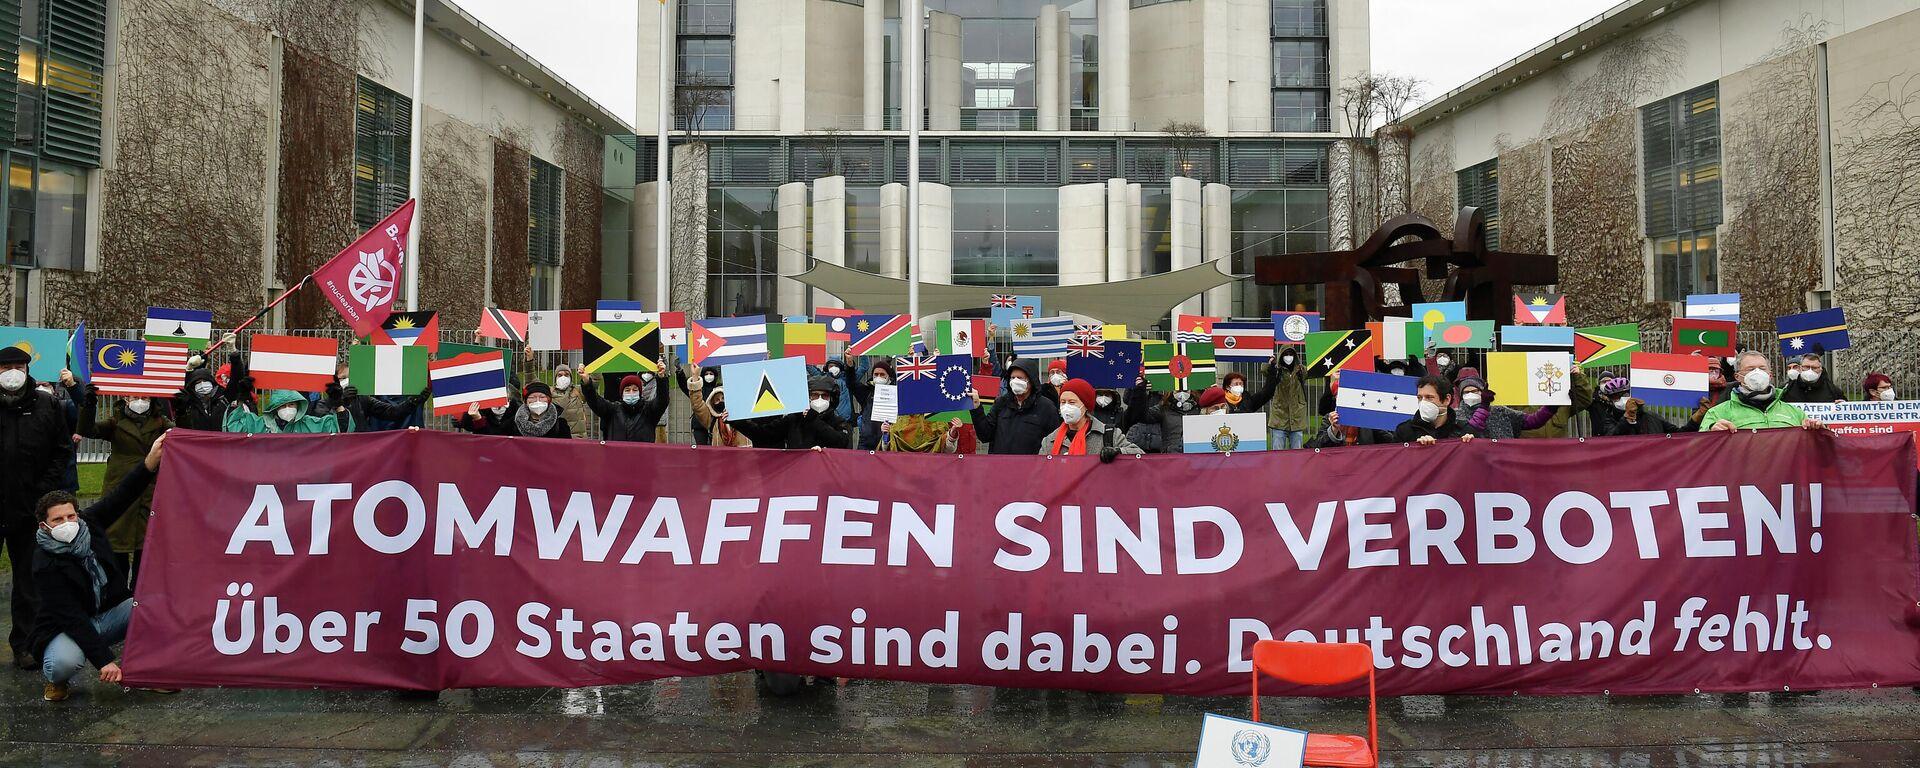 ICAN-Aktivesten protestieren gegen Atomwaffen vor dem Kanzleramt in Berlin, 22. Januar 2021 - SNA, 1920, 22.01.2021